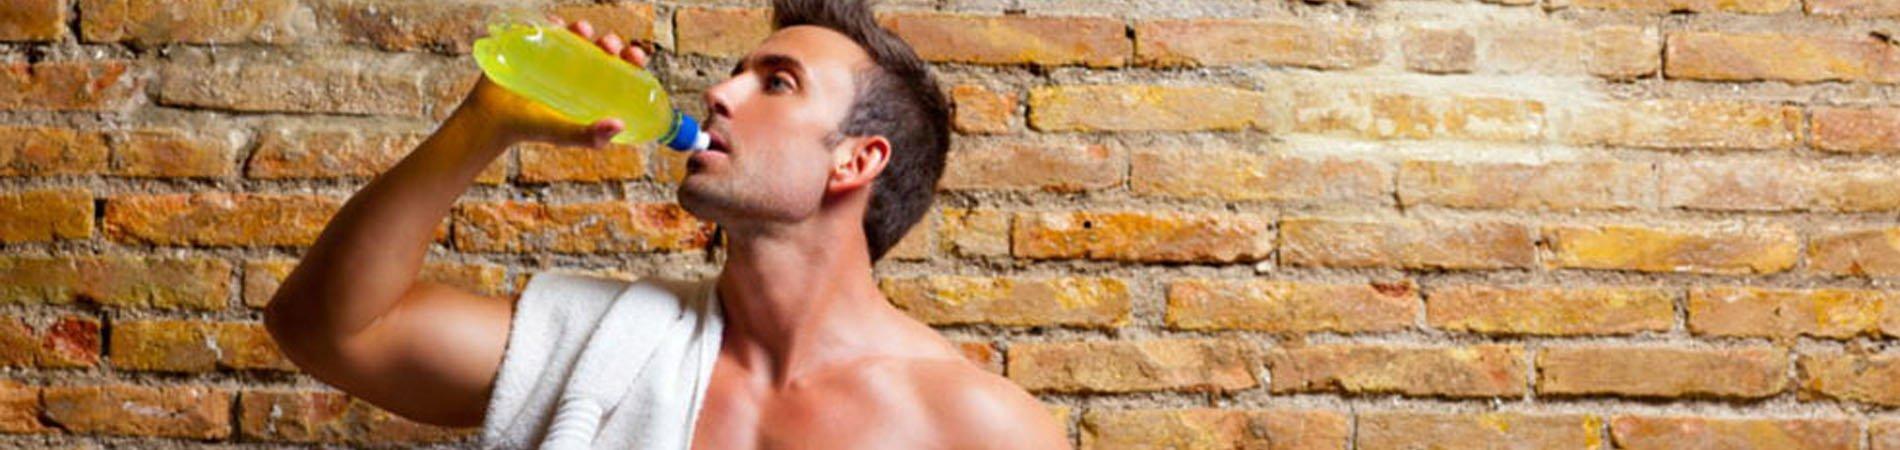 ▷▷ Compra el Recuperador Muscular que necesitas| KiffeMyBody